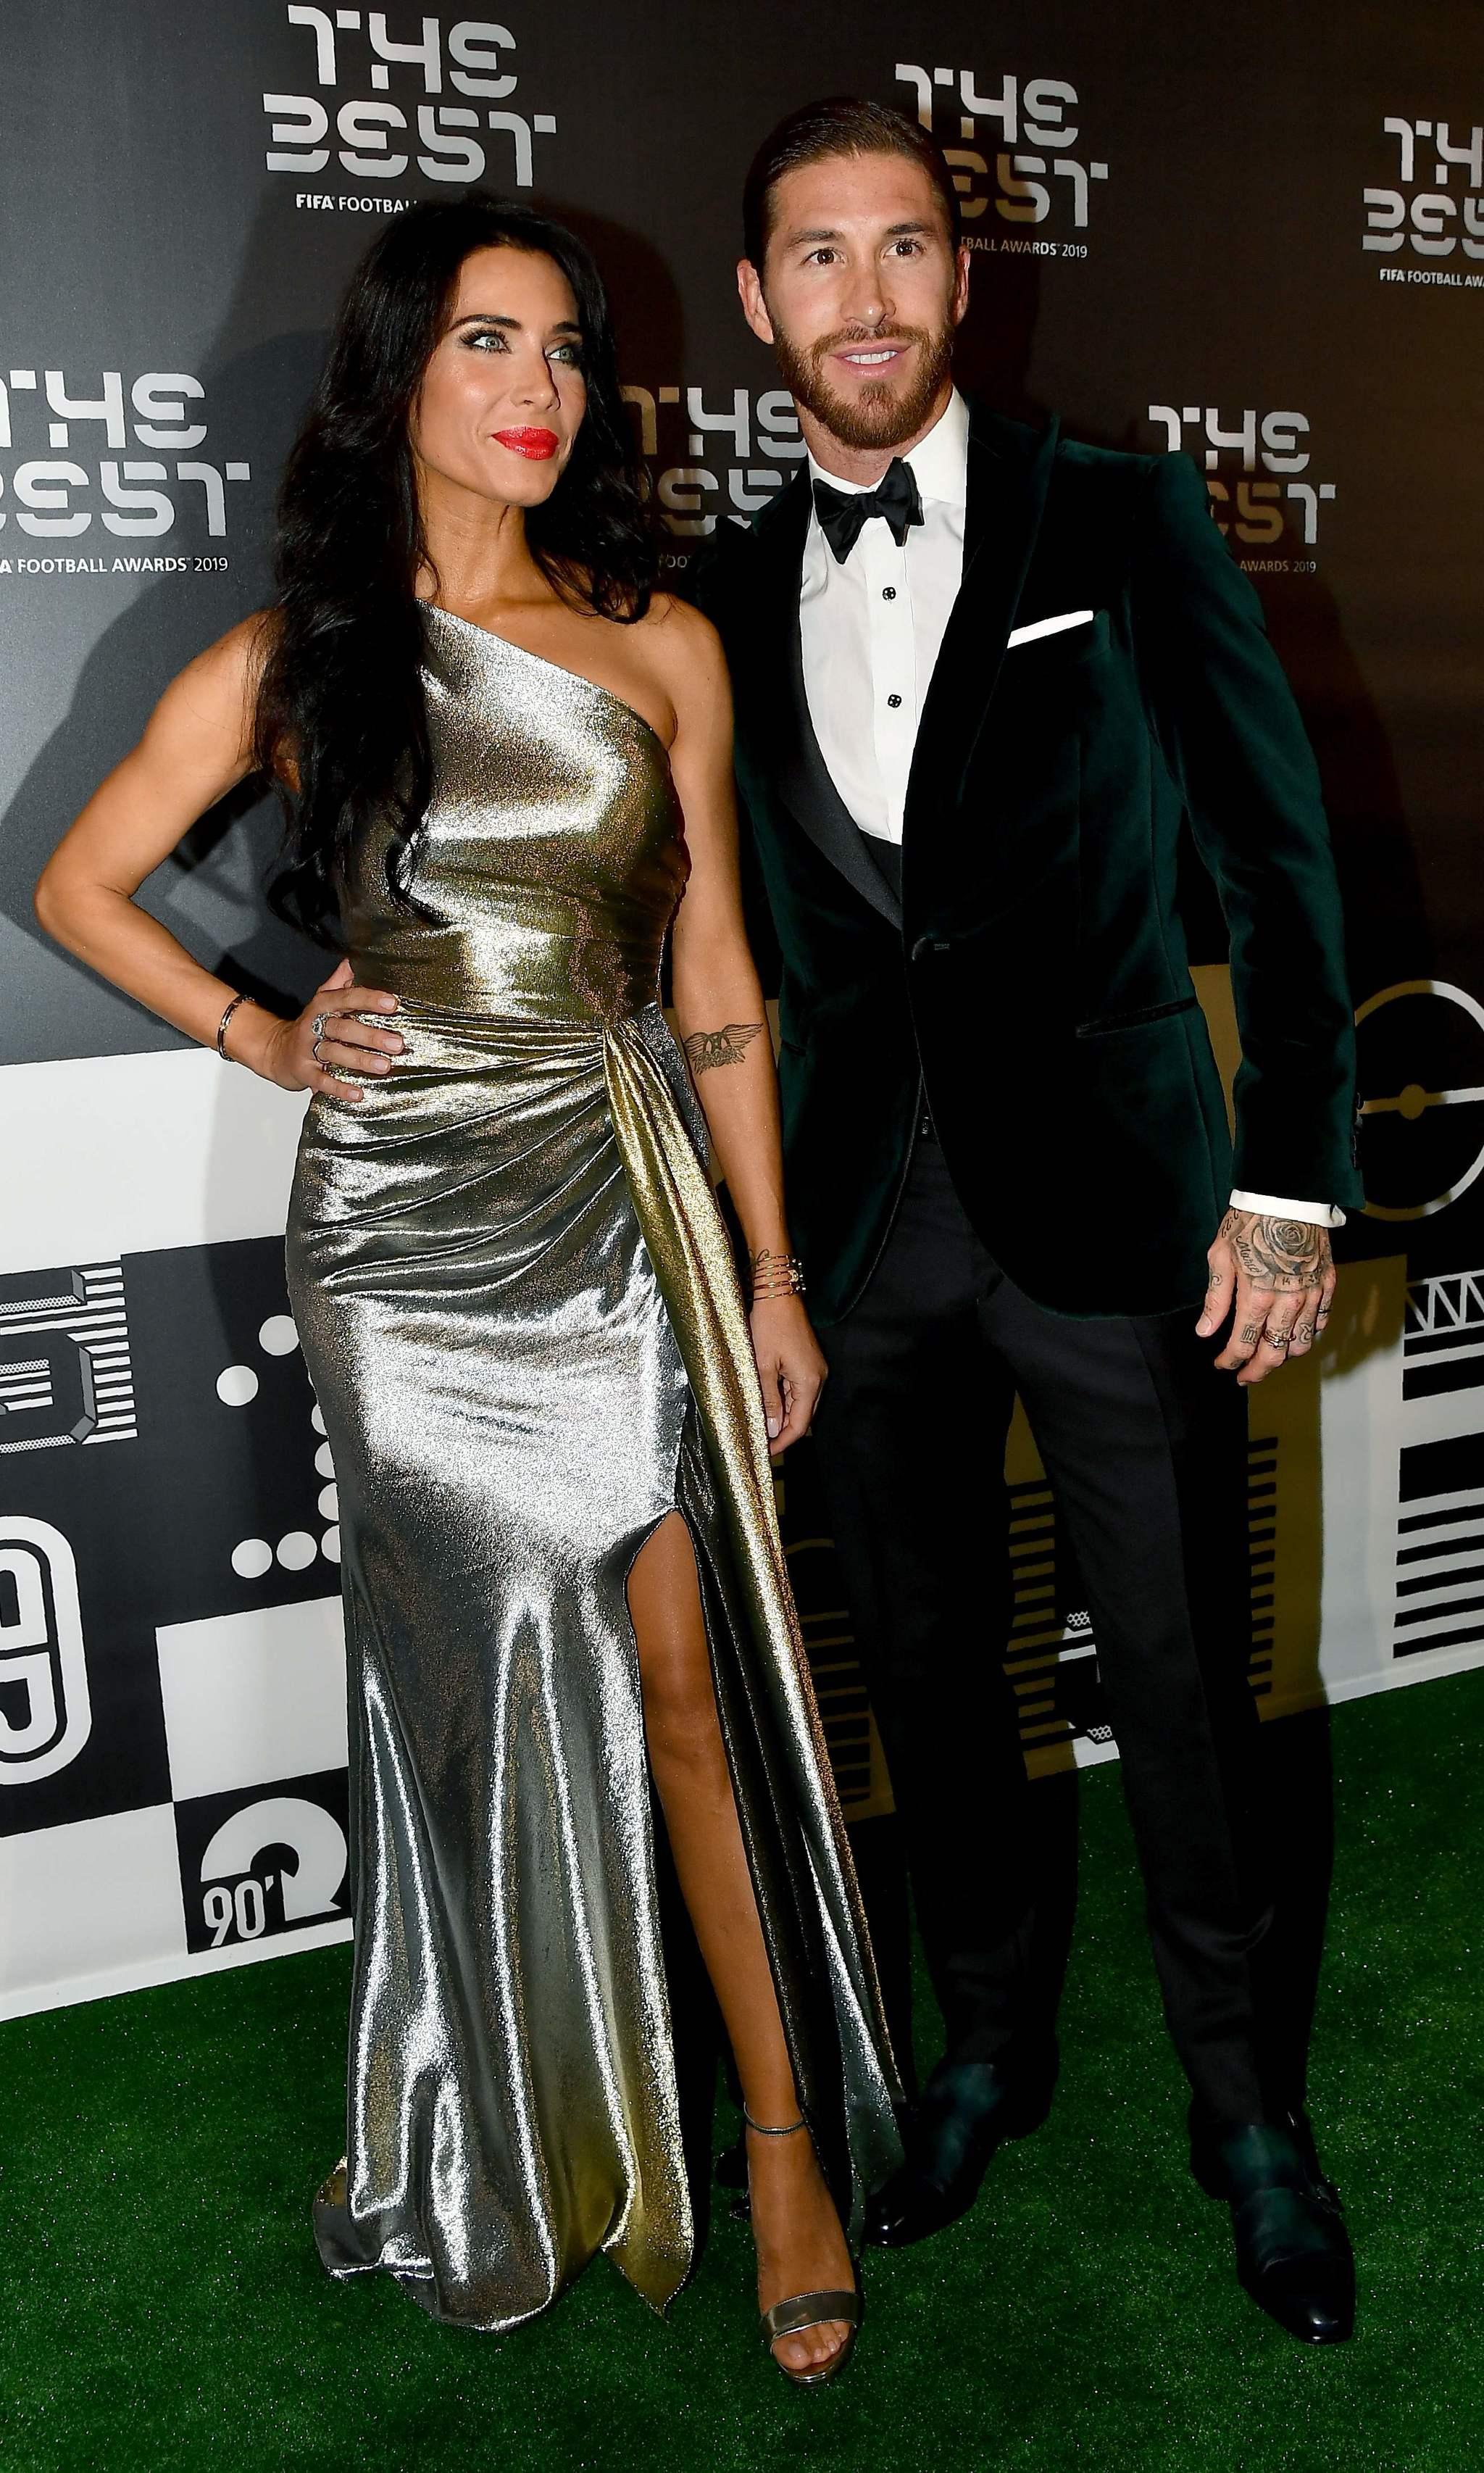 El estilismo de Pilar Rubio y Sergio Ramosen la gala de 'The Best FIFA...